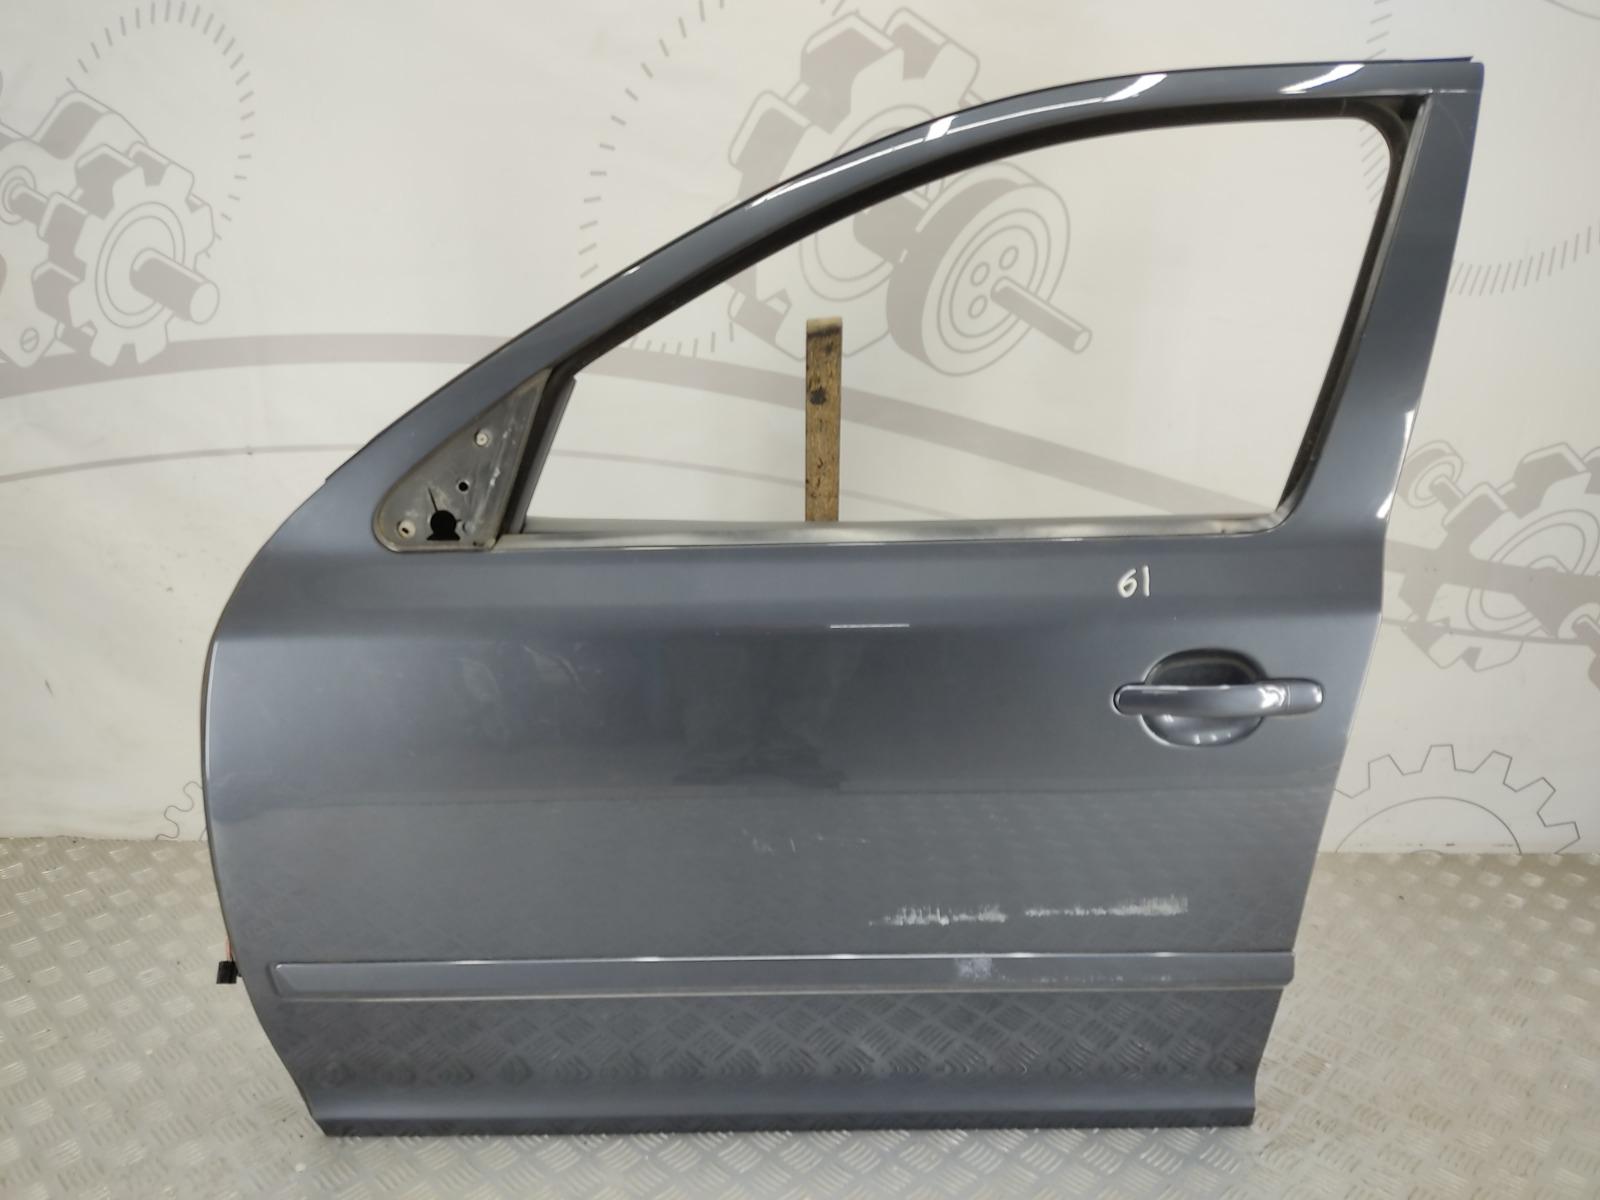 Дверь передняя левая Skoda Octavia 1.6 TDI 2011 (б/у)